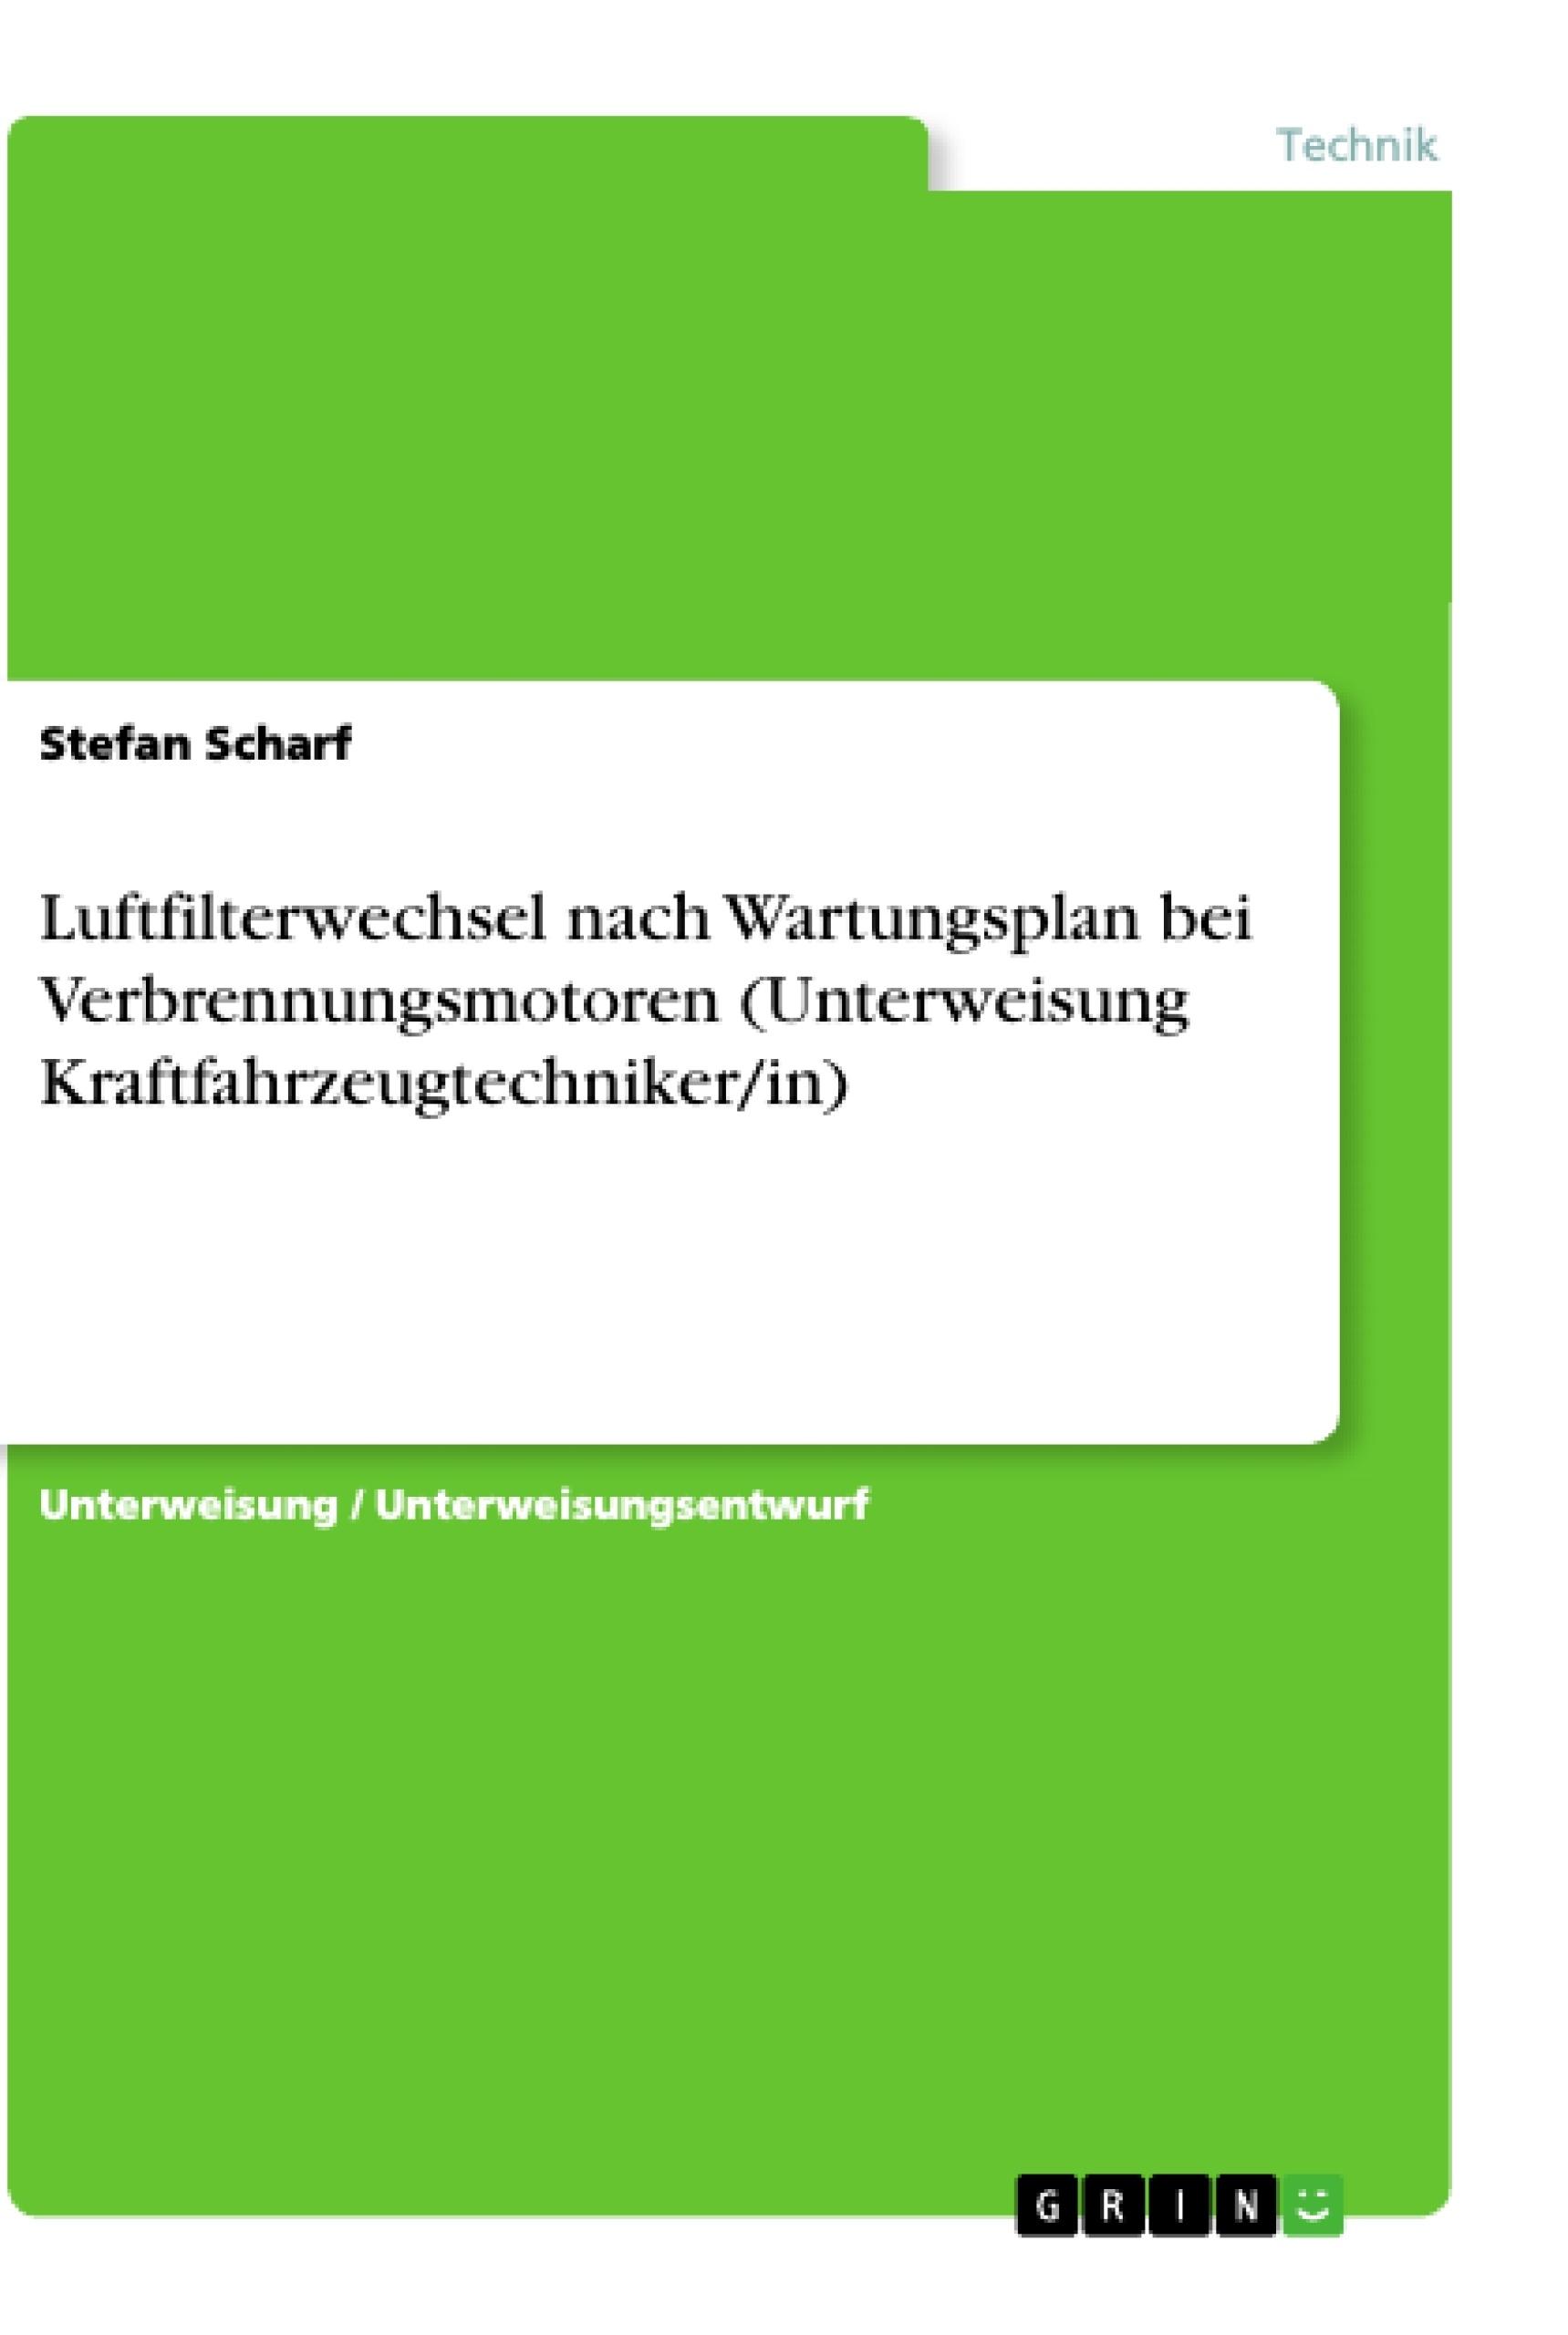 Titel: Luftfilterwechsel nach Wartungsplan bei Verbrennungsmotoren (Unterweisung Kraftfahrzeugtechniker/in)